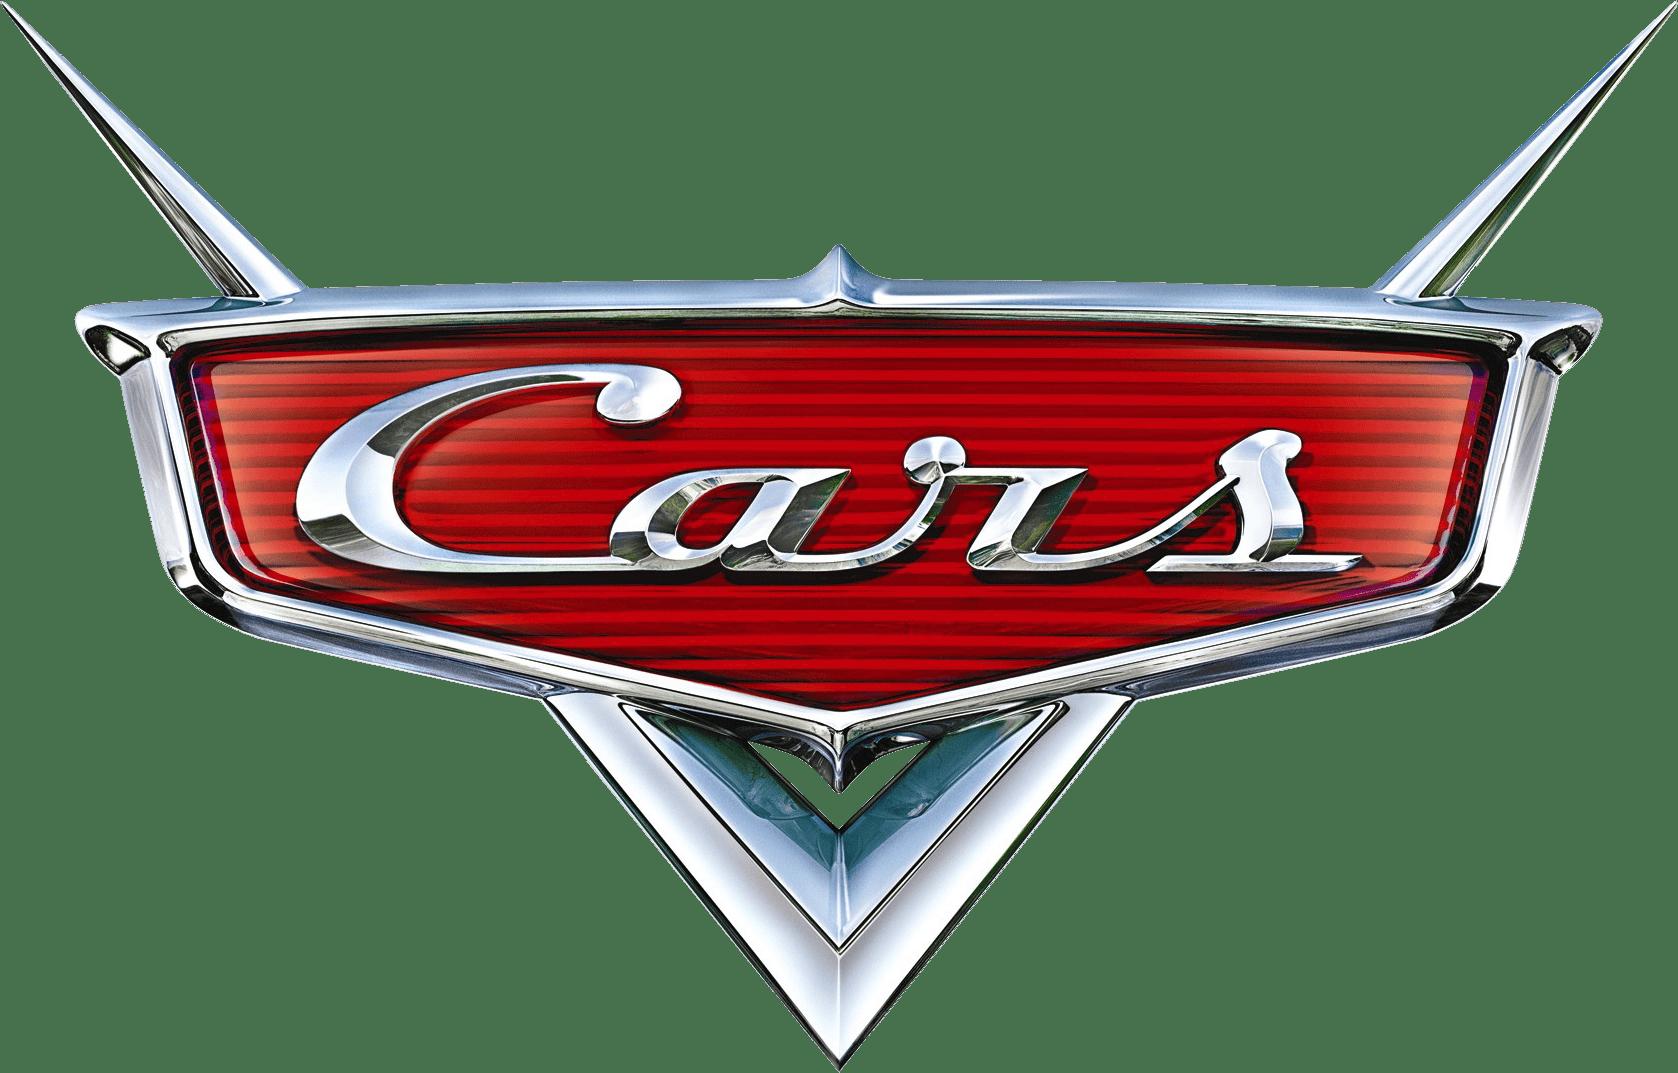 Movie clipart movie symbol. Cars pixar logo transparent